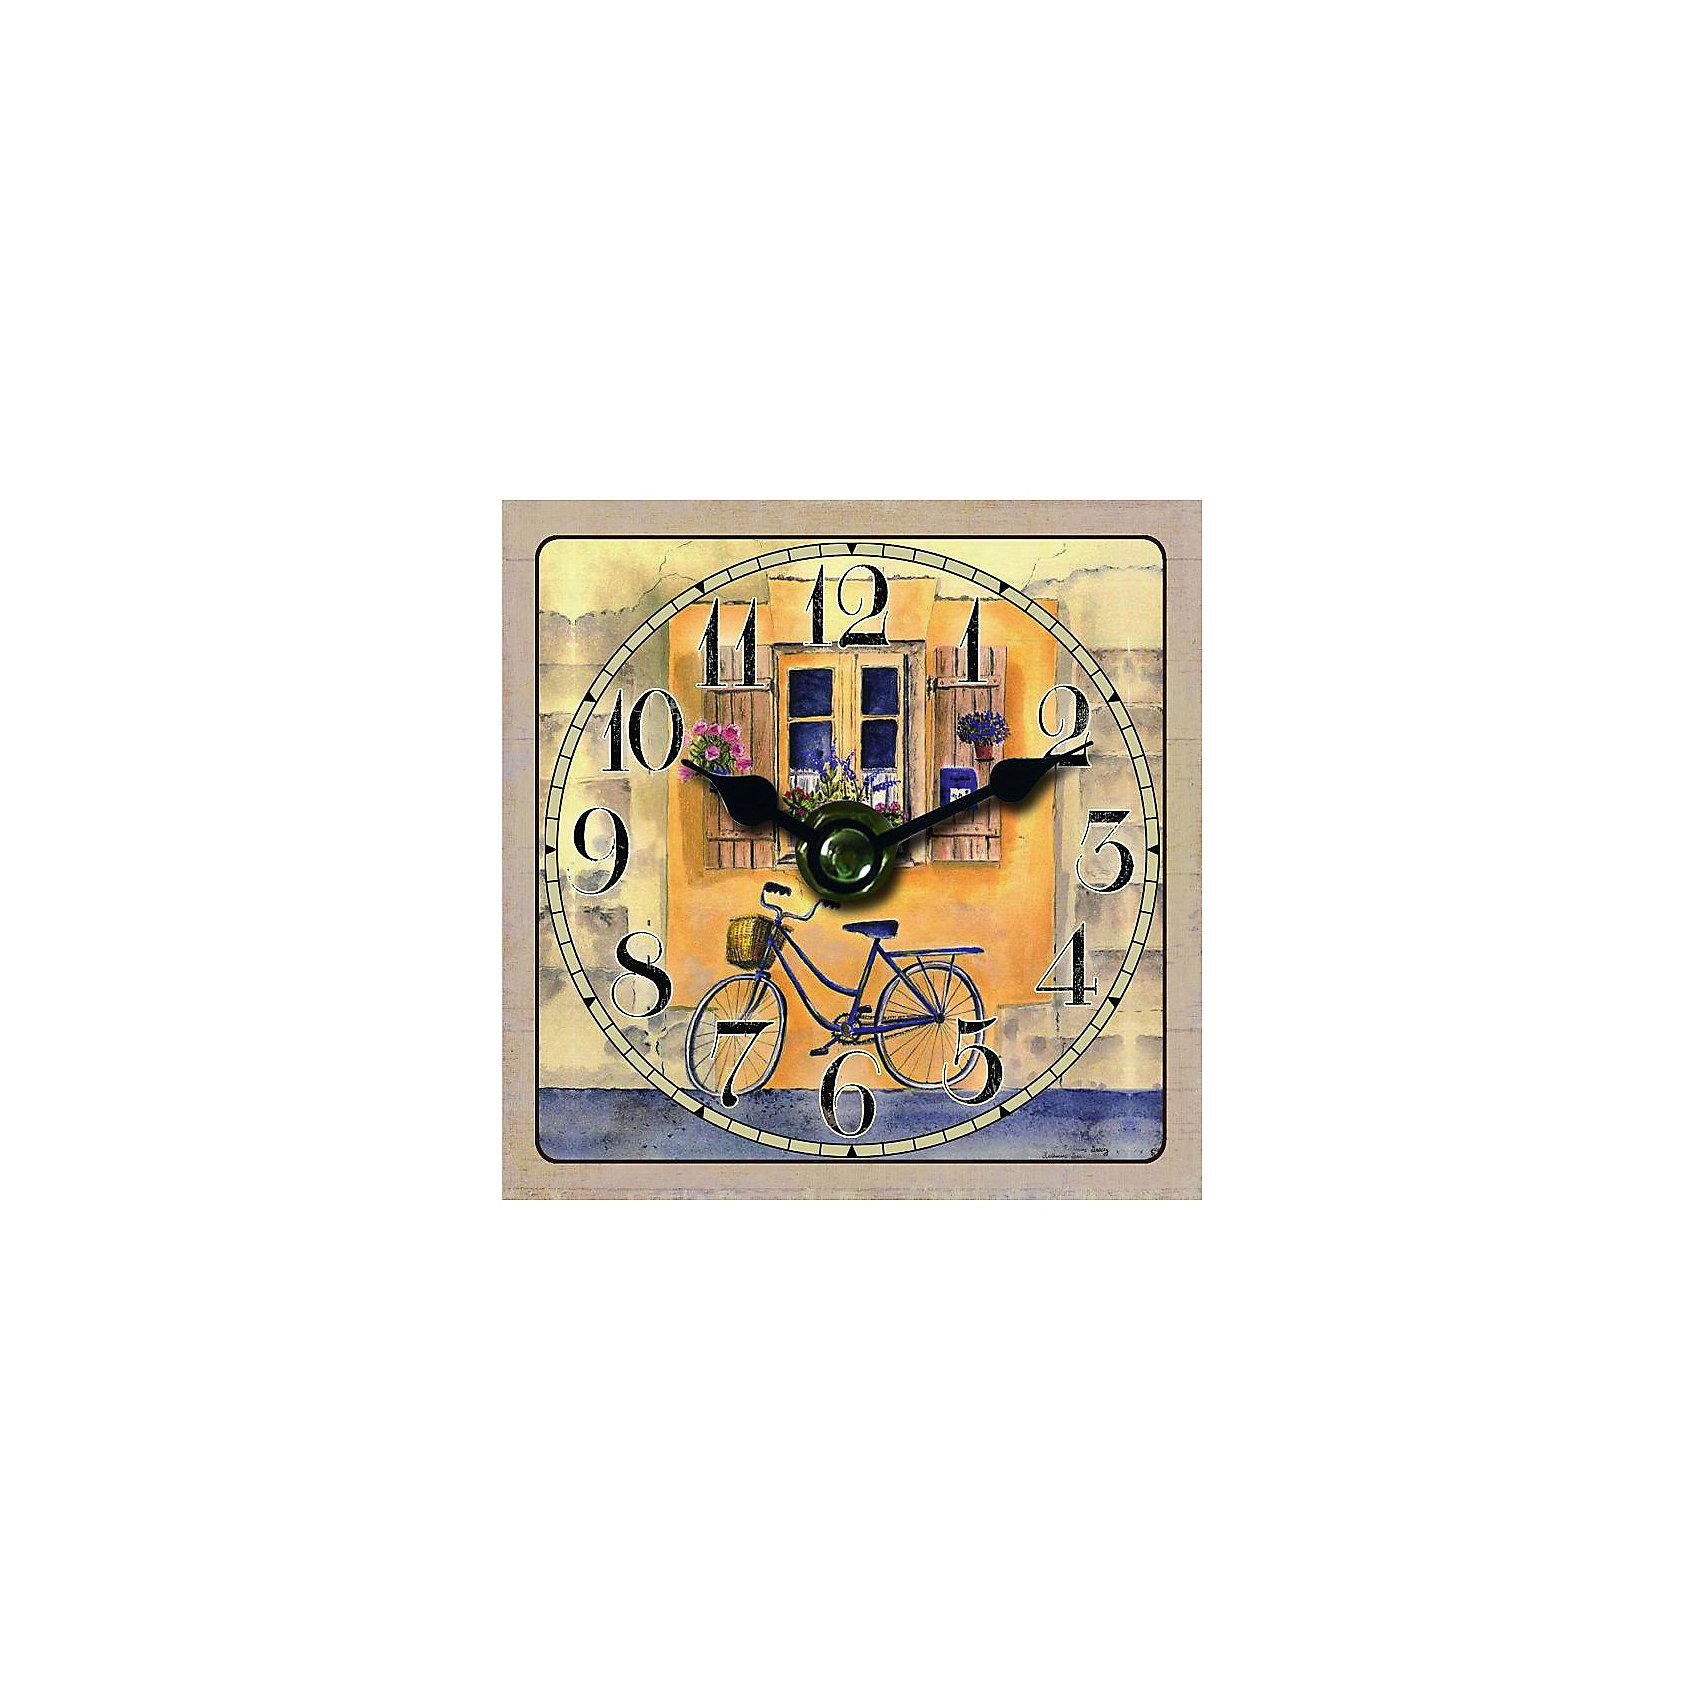 Часы настольные Велосипед, Magic HomeДетские предметы интерьера<br>Настольные часы с открытым циферблатом устанавливаются на плоской поверхности стола, полки или прикроватной тумбочки. Ход стрелок плавный, часы кварцевые, без боя, с циферблатом, часовой механизм находится на задней стенке часов. Корпус часов Magic Home – мдф-основа с рисунком «Велосипед». <br><br>Дополнительная информация:<br><br>Для работы часов требуется 1 батарейка типа АА (приобретается отдельно).<br><br>Размер: 10х10 см<br><br>Материал: МДФ - древесноволокнистая плита средней плотности, изготовленная из древесных опилок мелкой фракции.<br><br>Часы настольные Велосипед, Magic Home можно купить в нашем интернет-магазине.<br><br>Ширина мм: 210<br>Глубина мм: 150<br>Высота мм: 40<br>Вес г: 177<br>Возраст от месяцев: 216<br>Возраст до месяцев: 1200<br>Пол: Унисекс<br>Возраст: Детский<br>SKU: 5030489